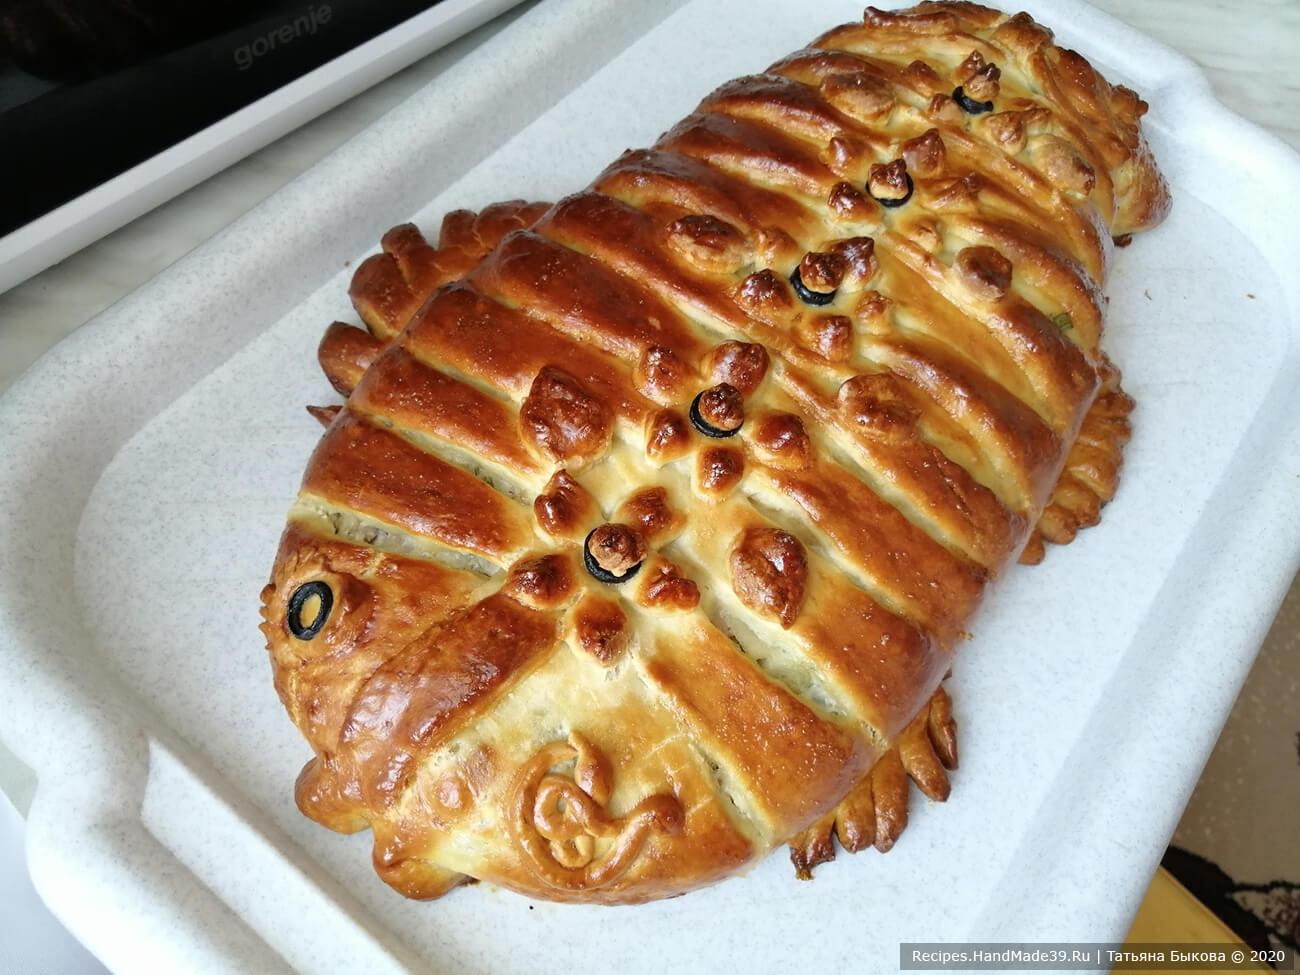 Рыбный пирог из венского теста – пошаговый рецепт с фото